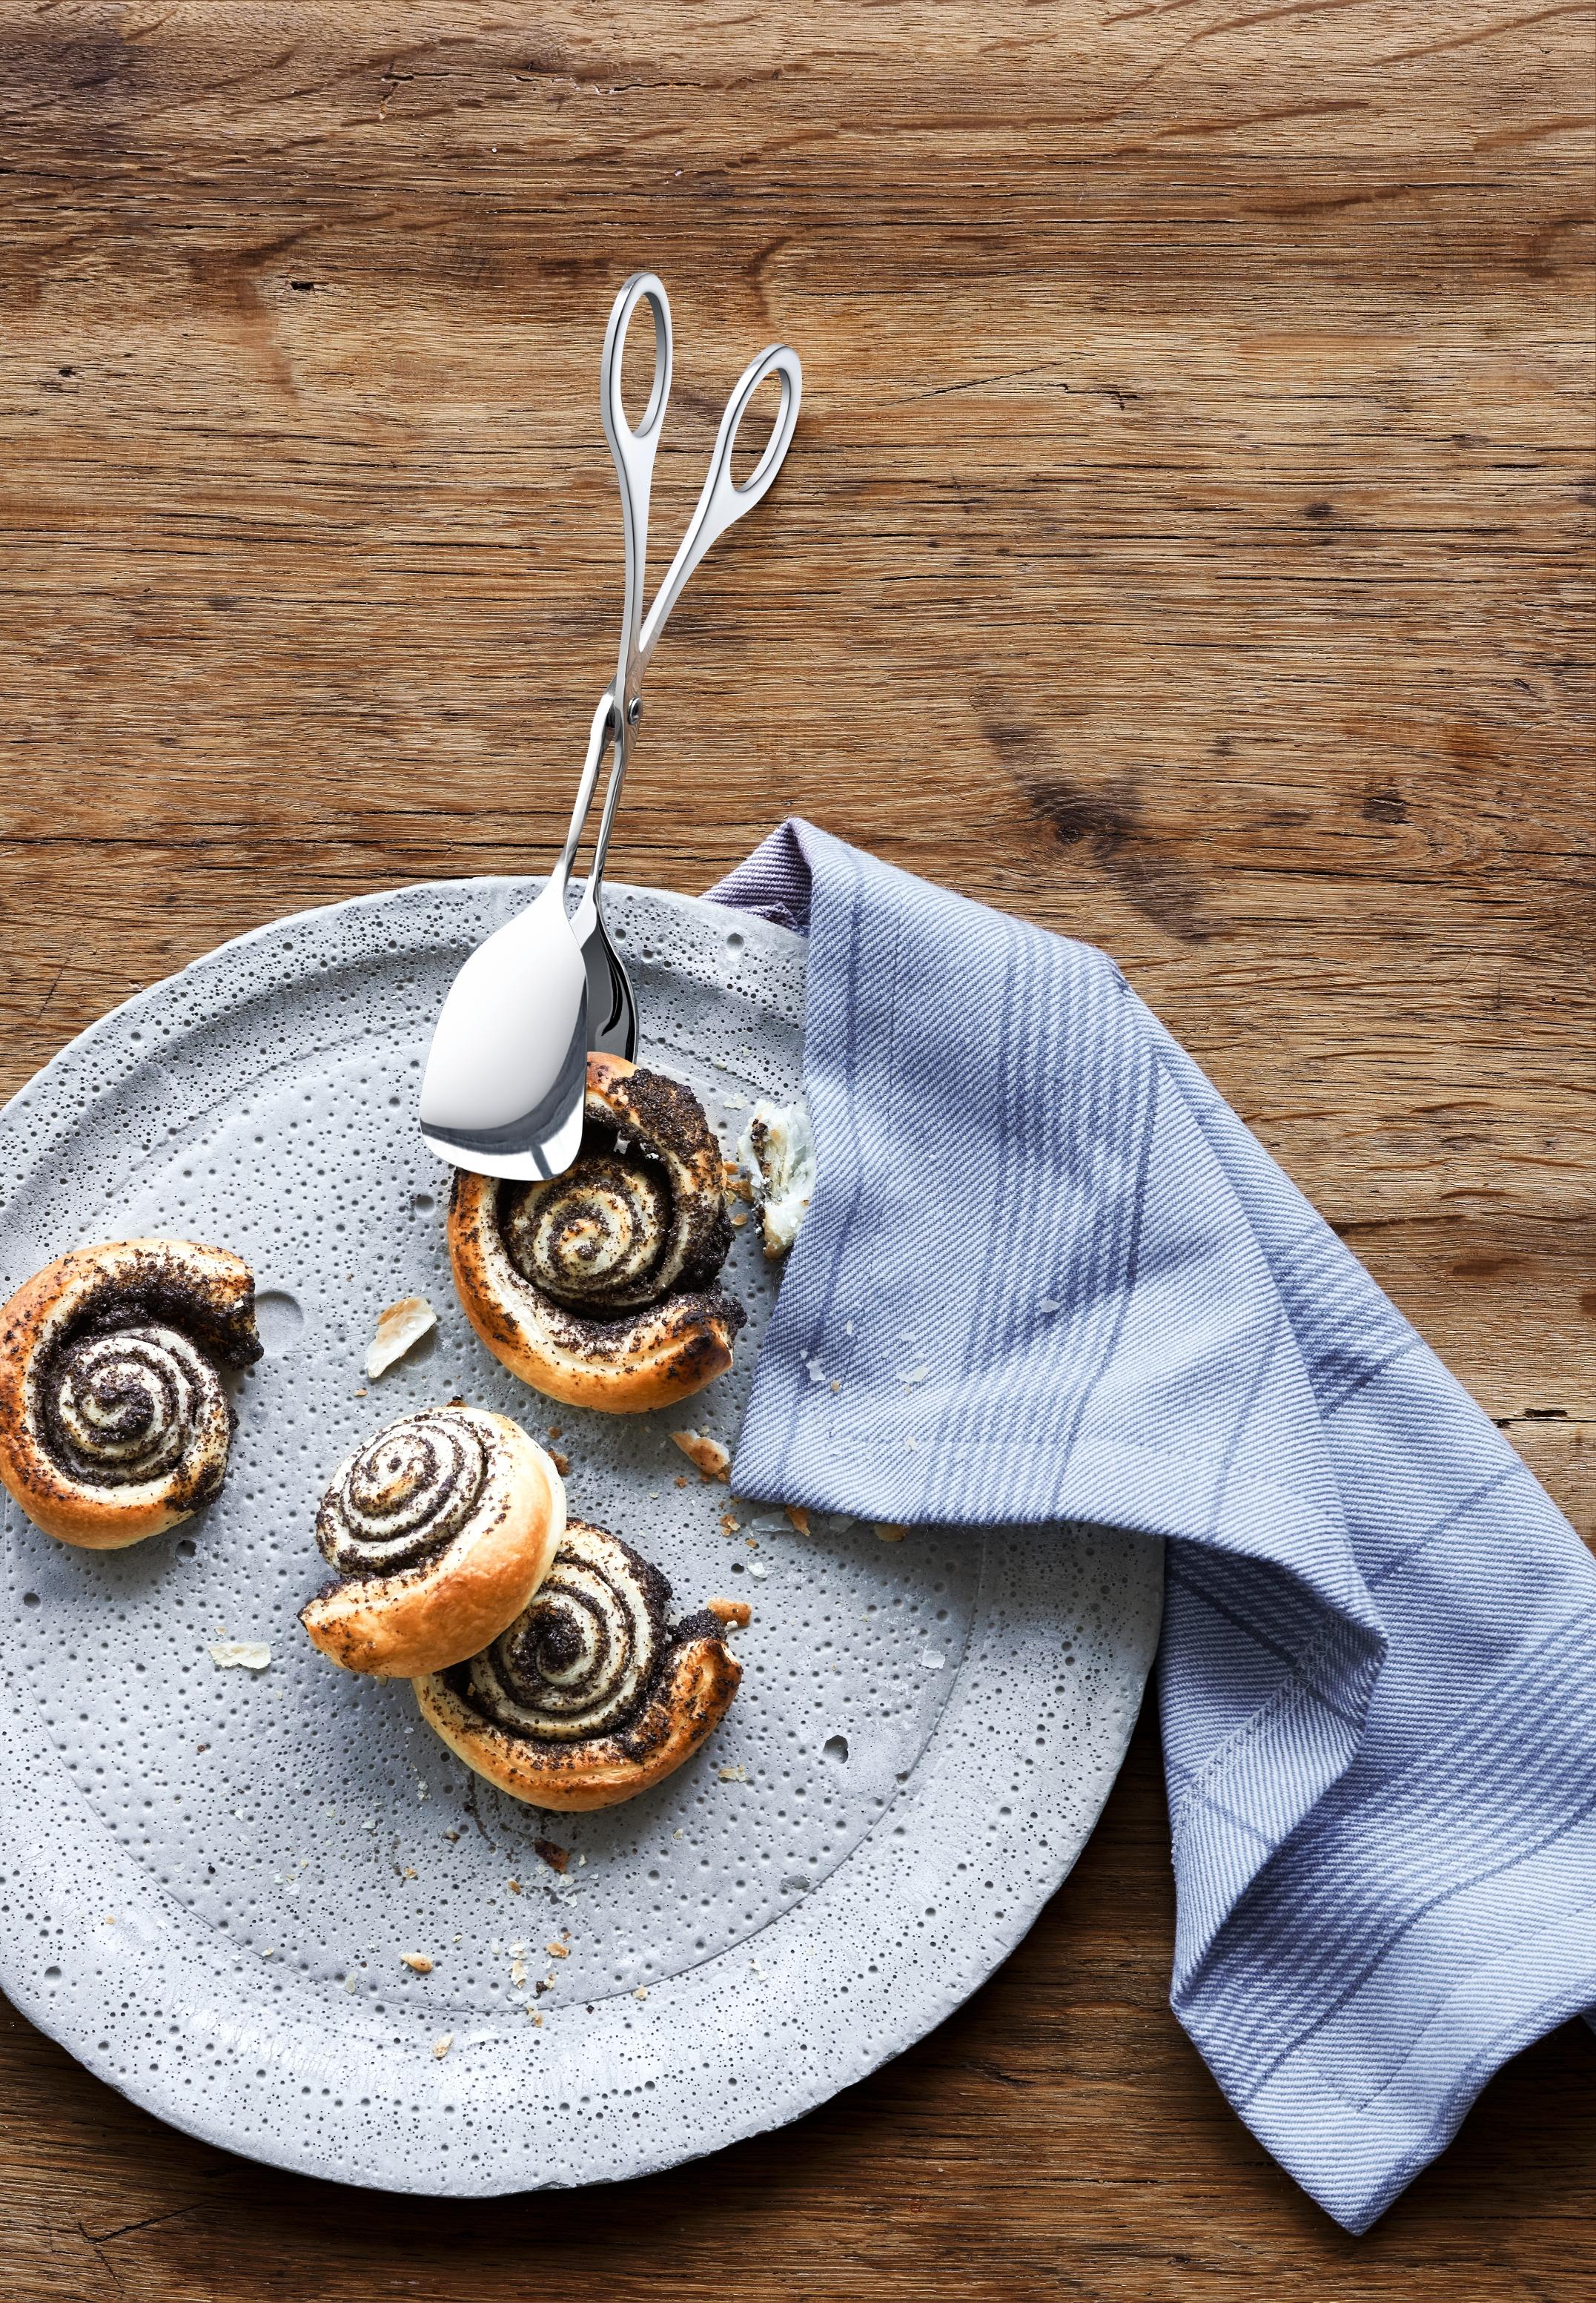 WMF Pasta Servis Maşası: Stil ve dayanıklılık